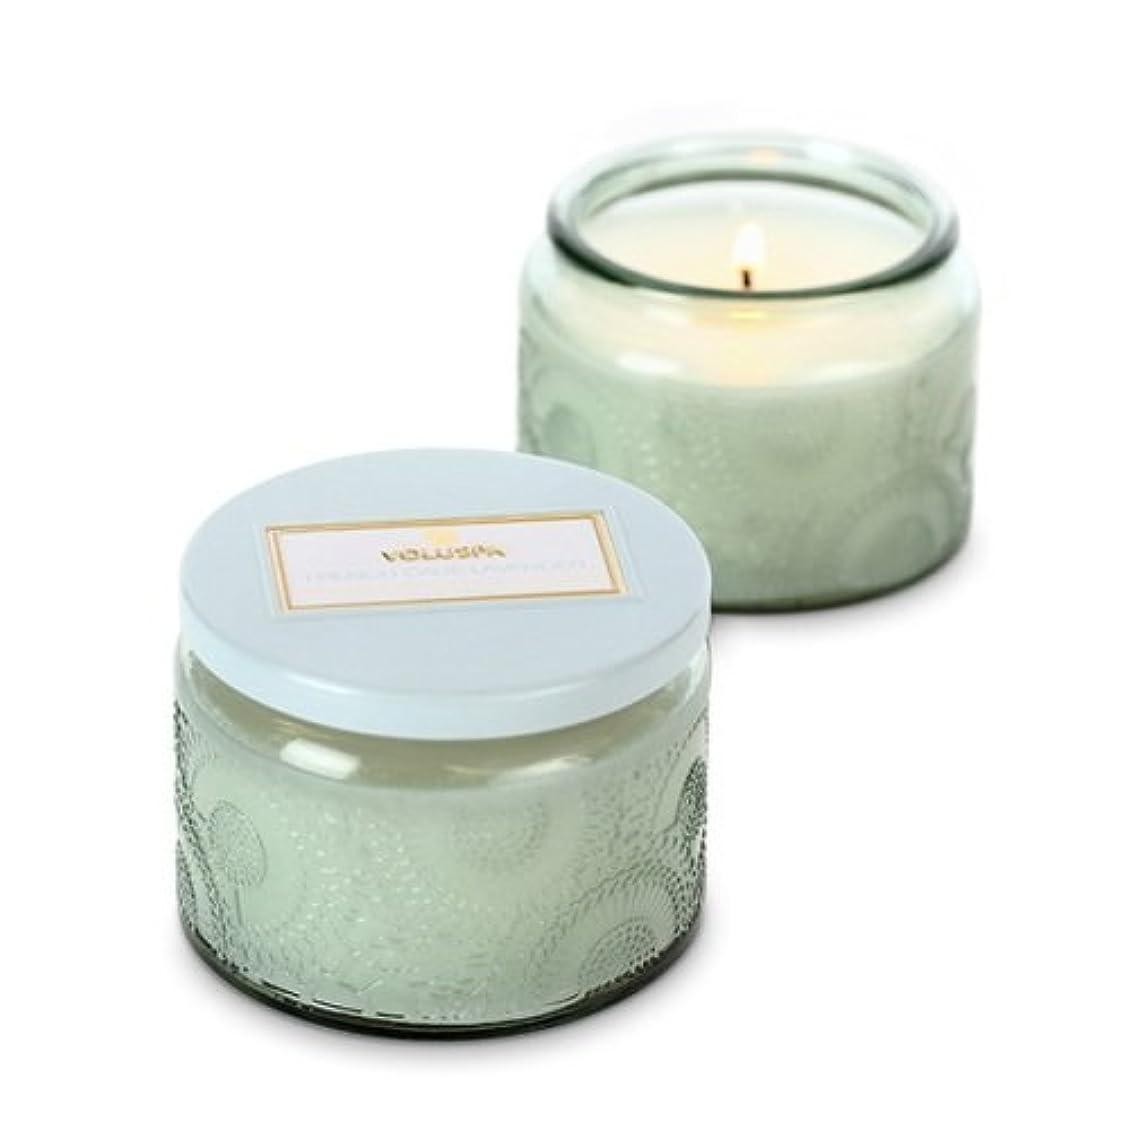 控える嫌な統治可能Voluspa ボルスパ ジャポニカ グラスジャーキャンドル S フレンチケード&ラベンダー JAPONICA Glass jar candle FRENCH CADE LAVENDER